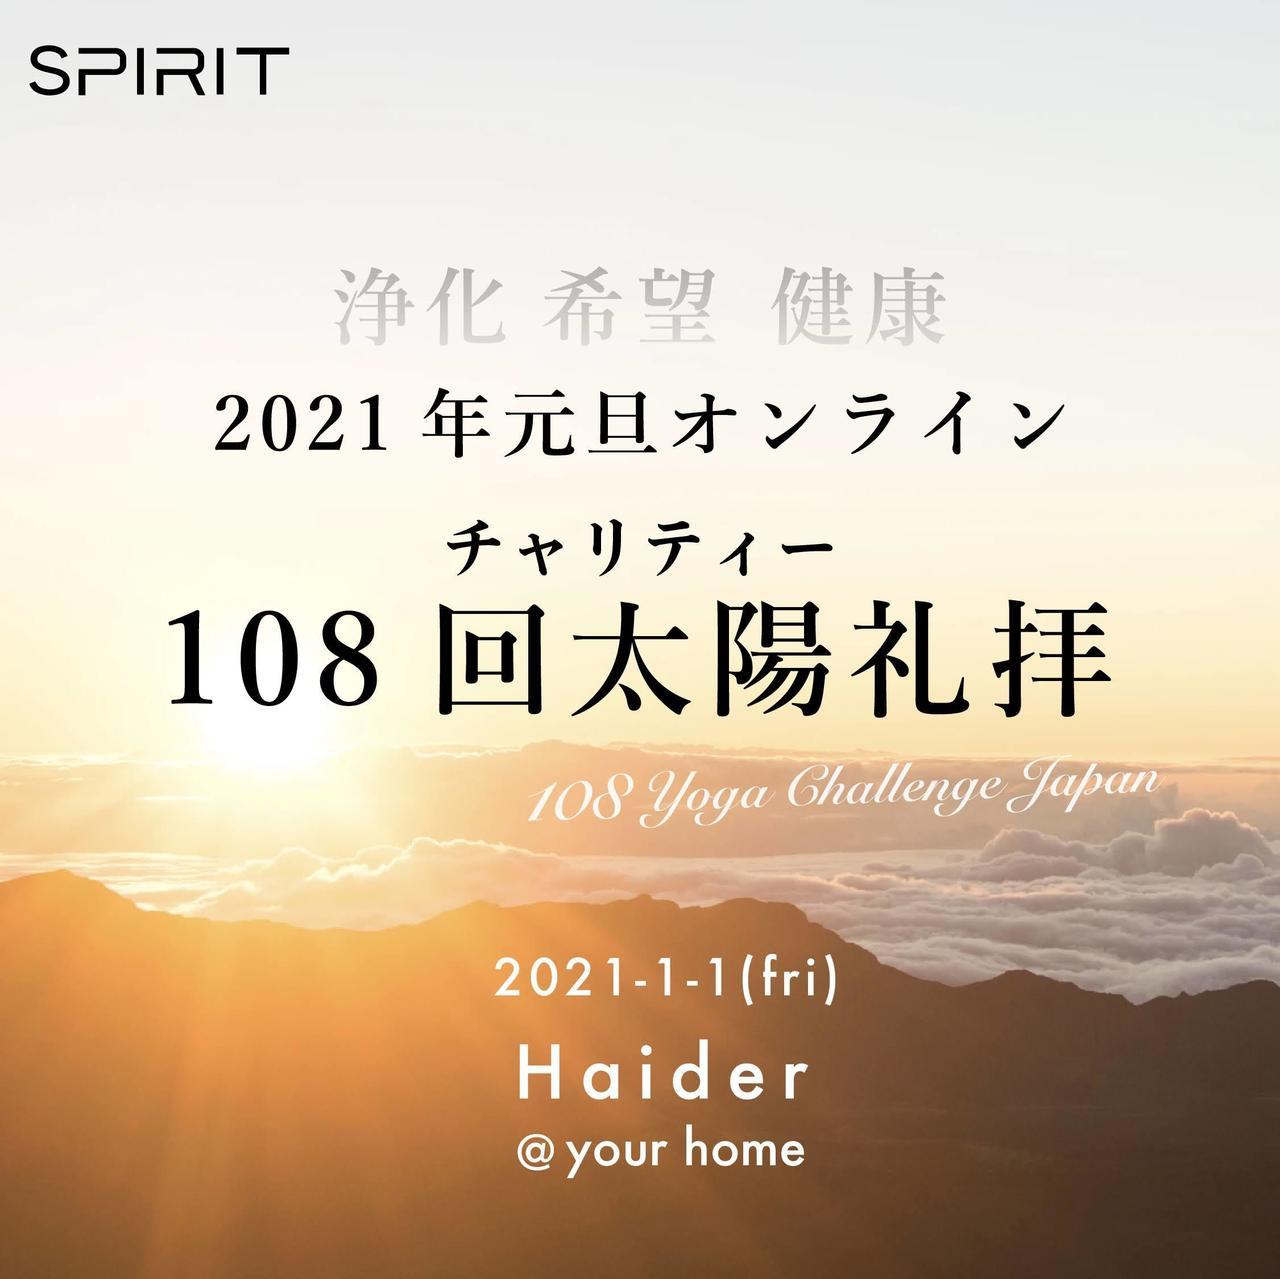 2021年 元旦 チャリティー太陽礼拝【オンライン】